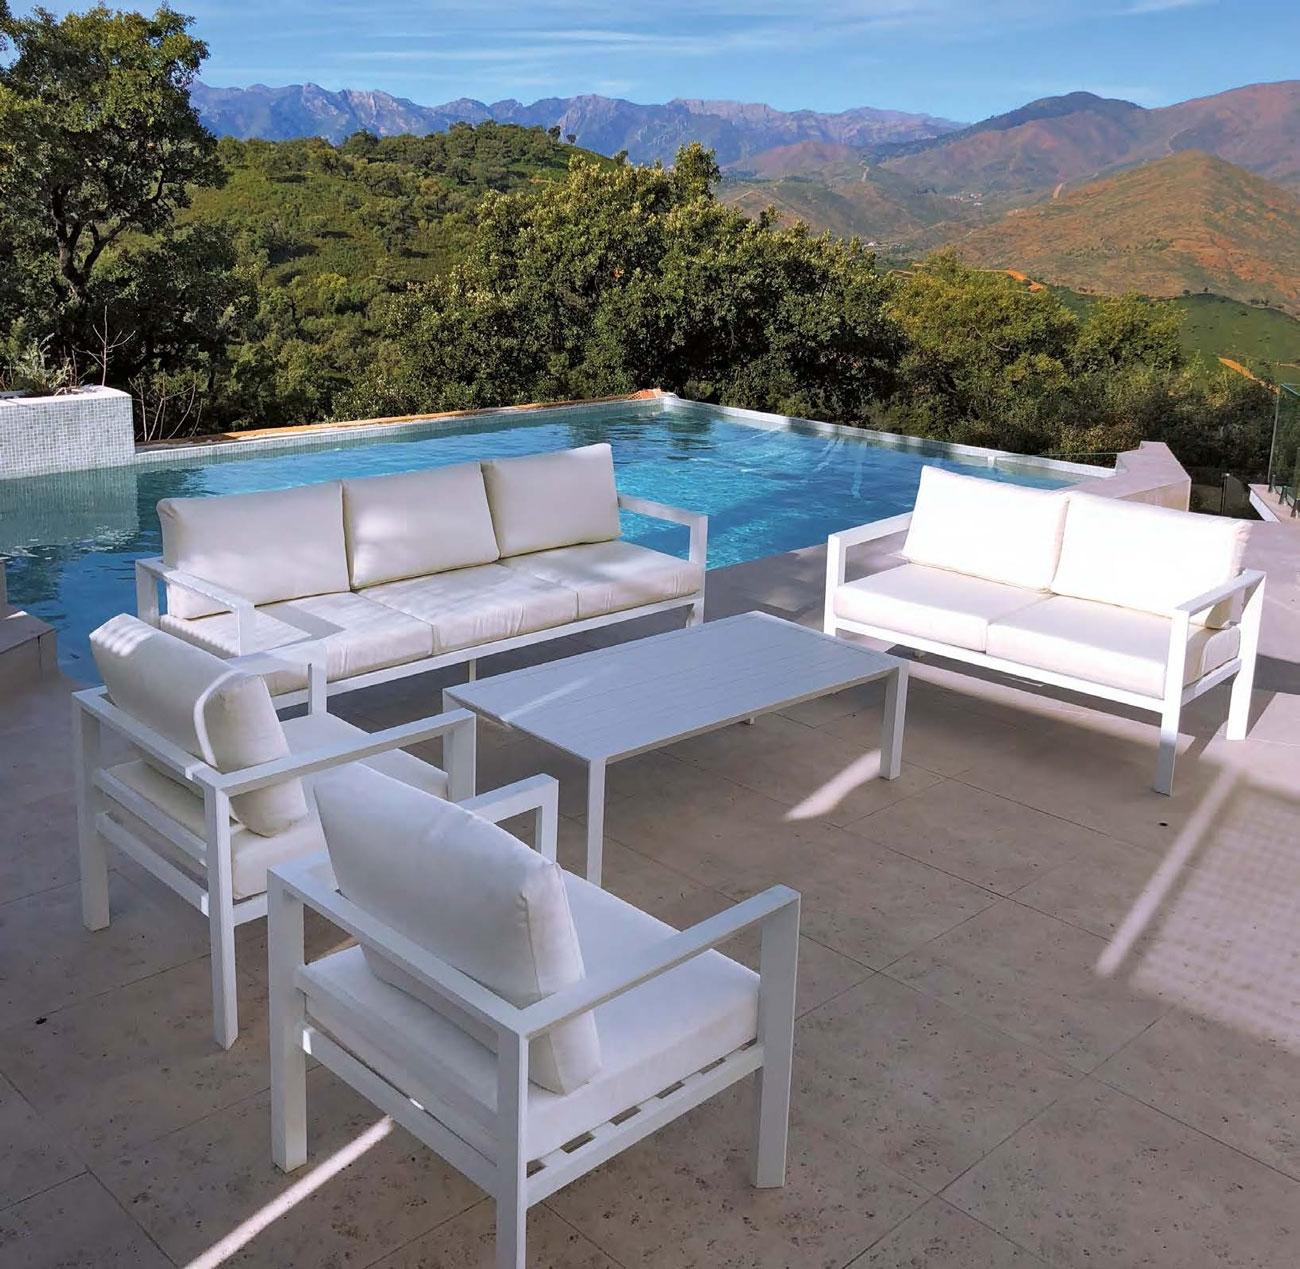 SET SOFA DE EXTERIOR BASILEA - Set para terraza o jardín modelo BASILEA de Majestic Garden